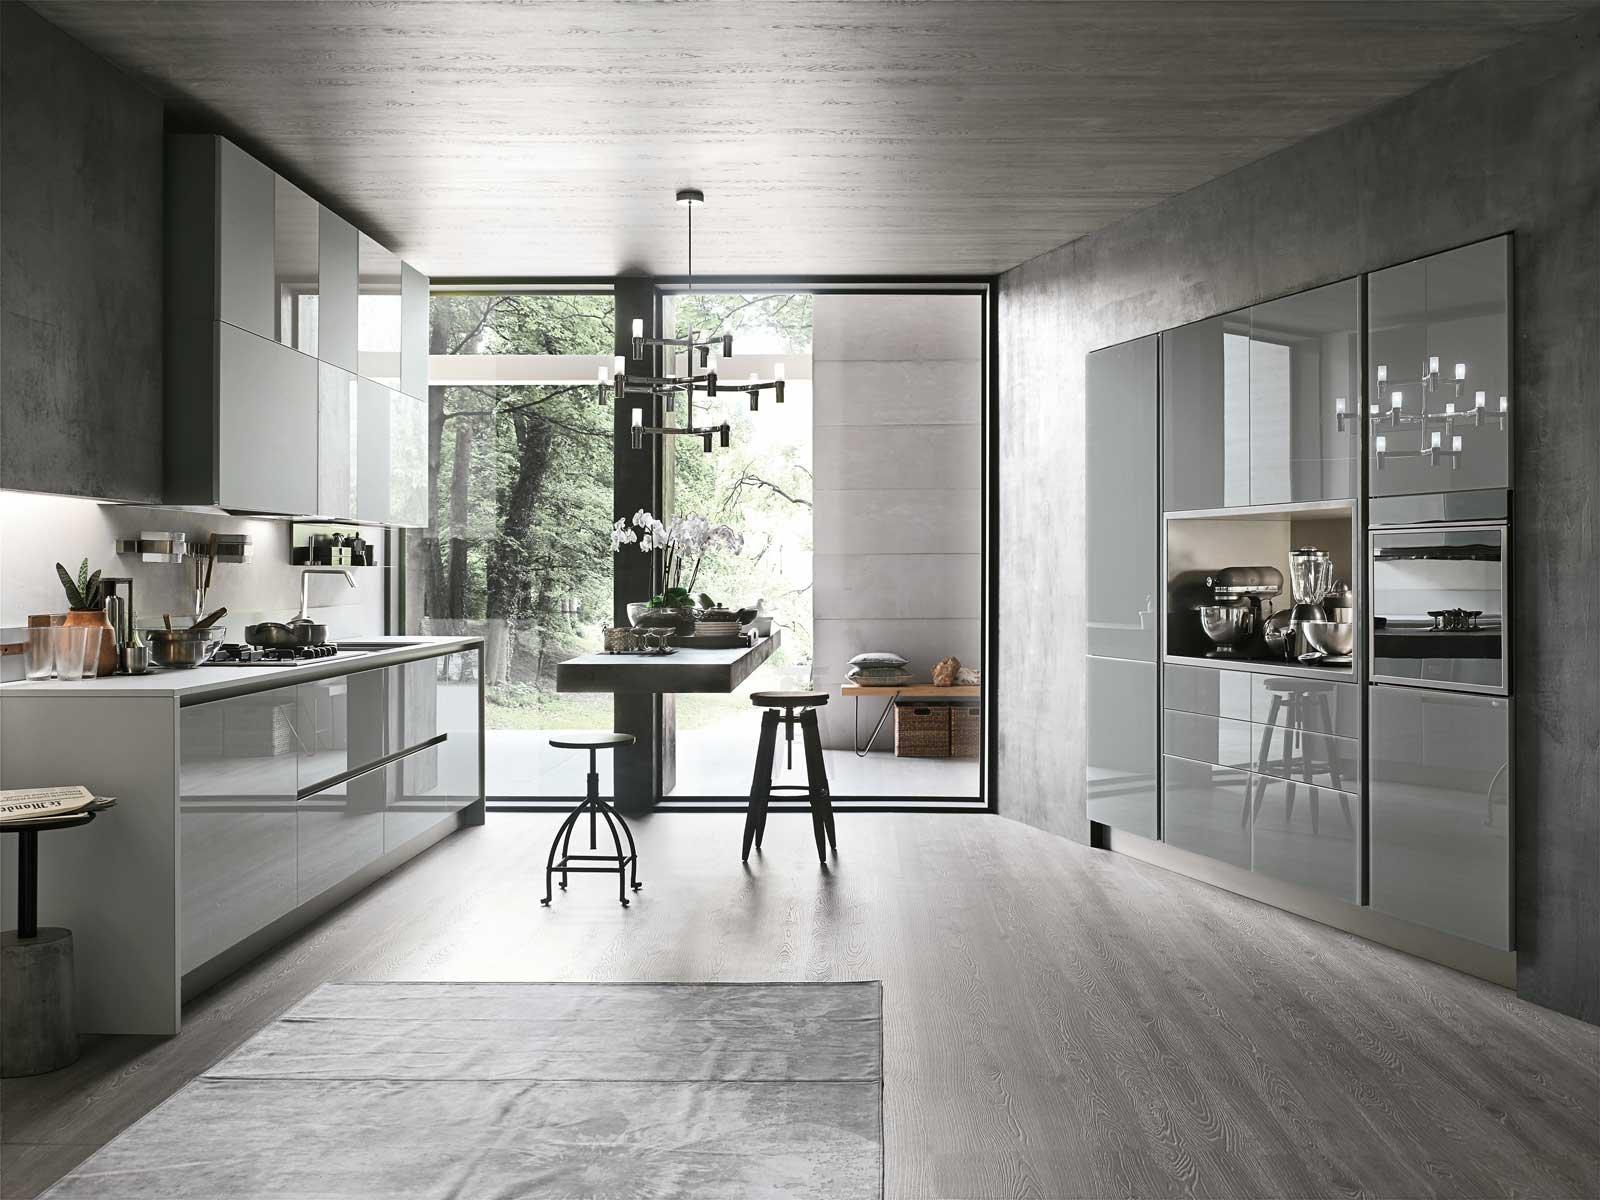 Cucine in vetro laccato cose di casa - Cucine immagini moderne ...